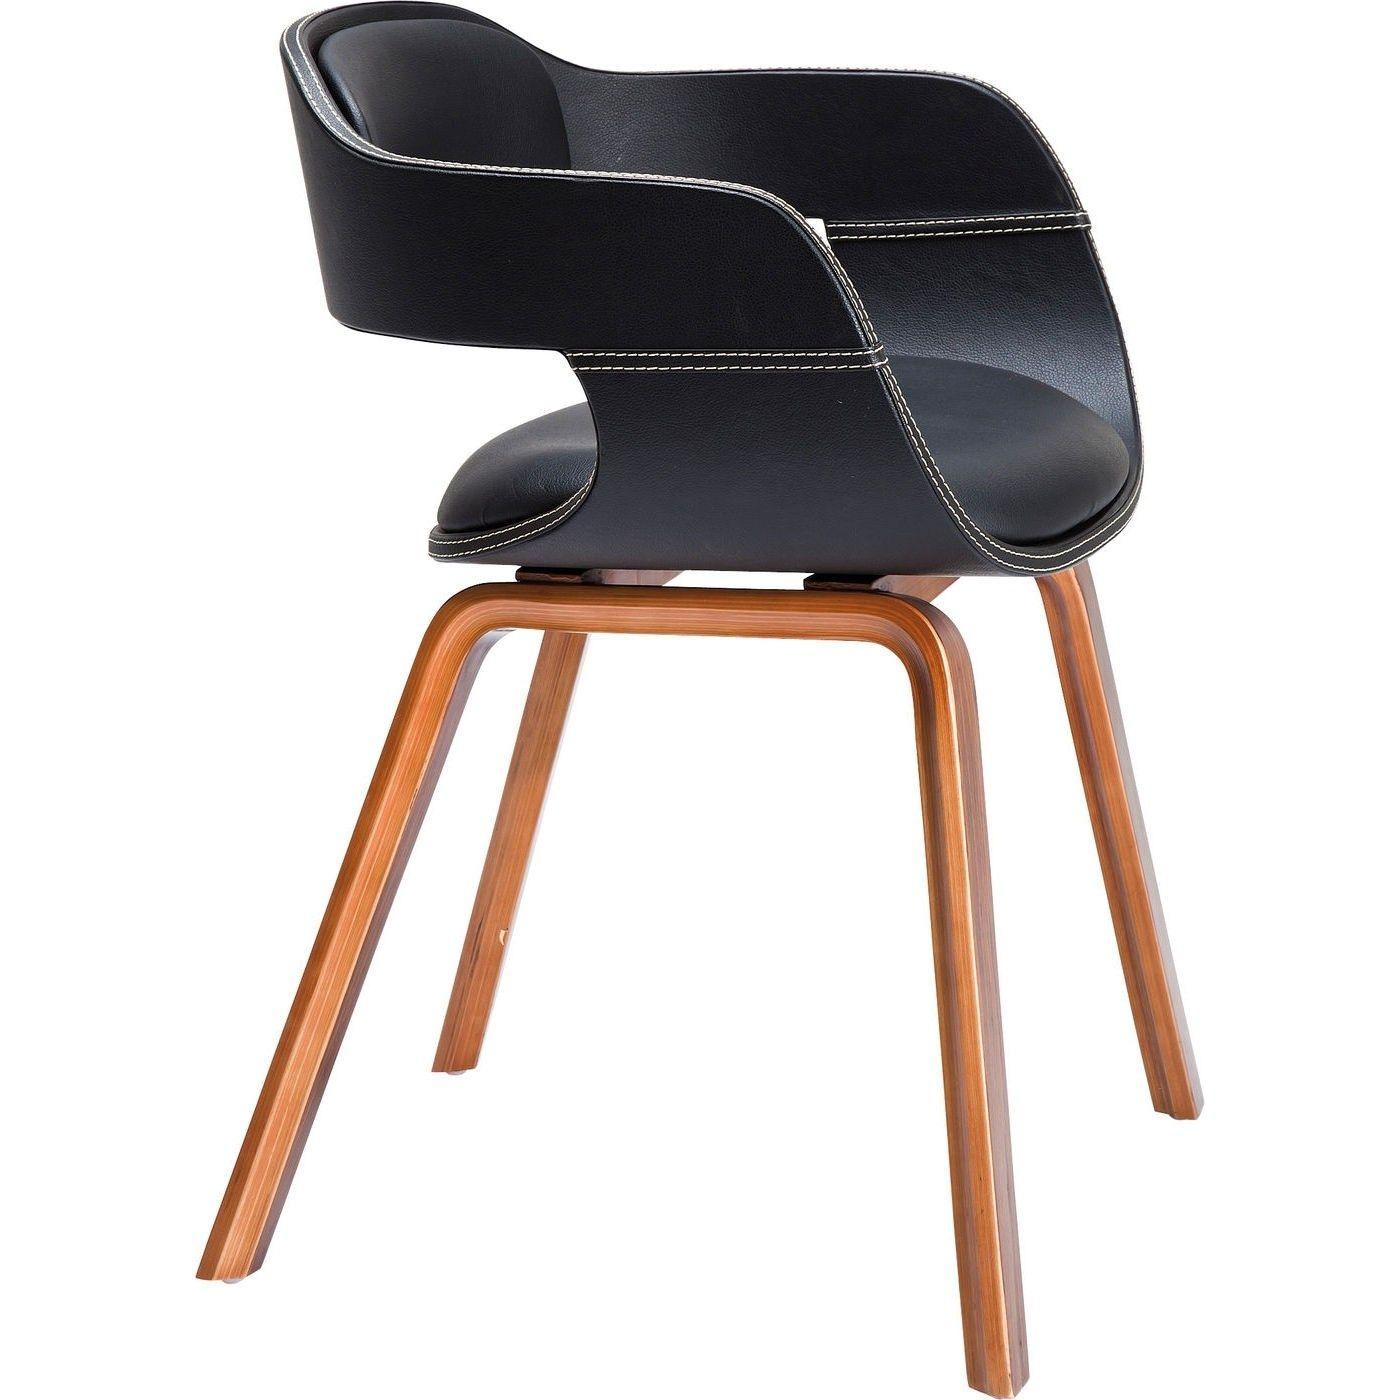 Stuhl Mit Armlehne Costa Walnut Stuhl Mit Armlehne Tisch Und Stuhle Und Stuhle